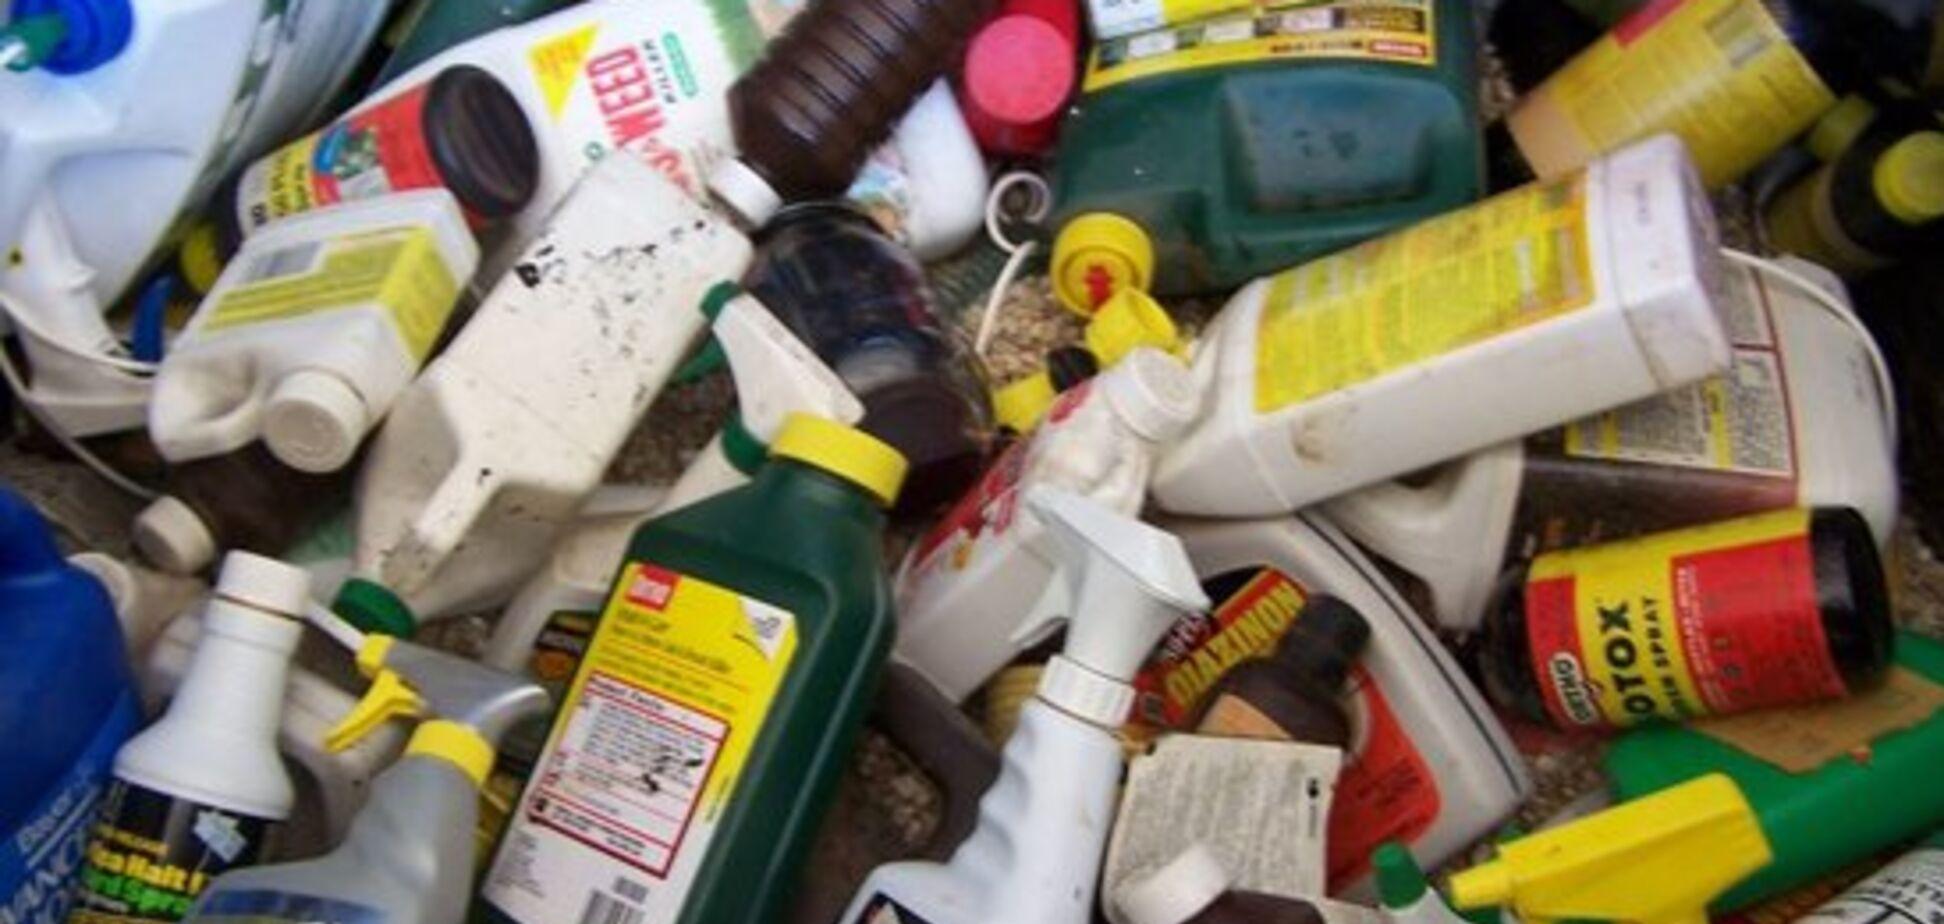 Что нельзя выбрасывать в баки для мусора: озвучен список опасных бытовых отходов